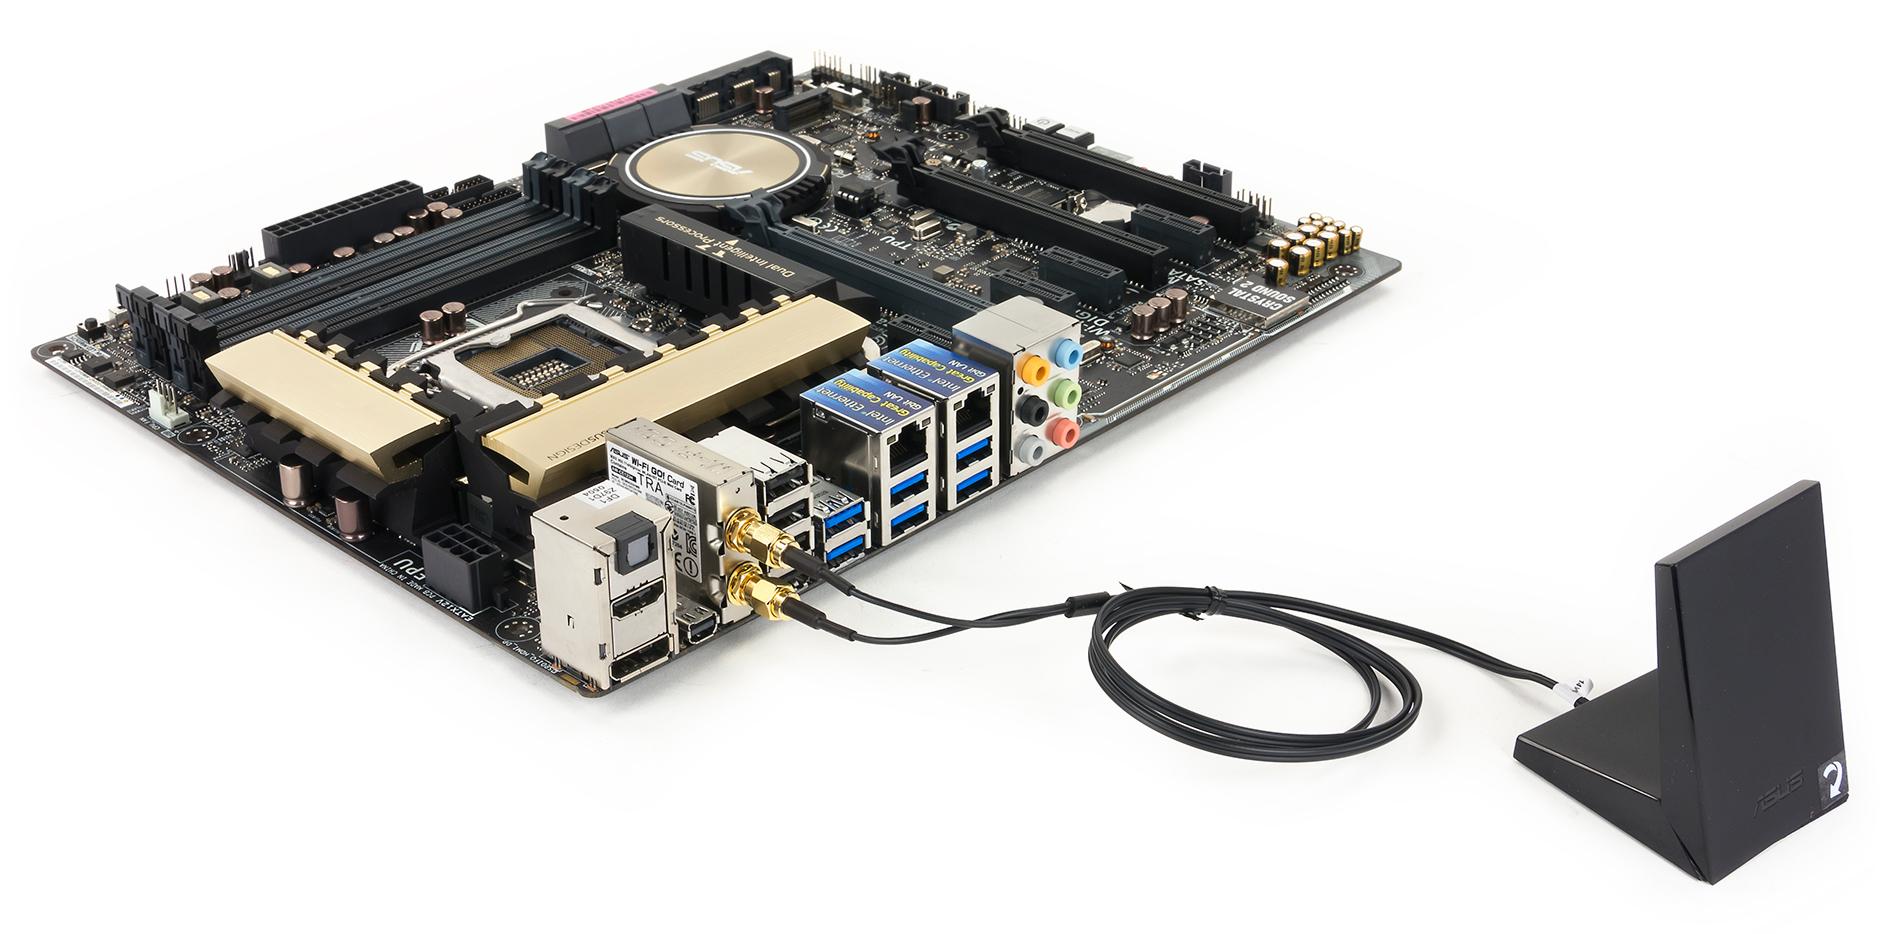 ASUS Z97-DELUXE ASMedia USB 3.0 Driver PC